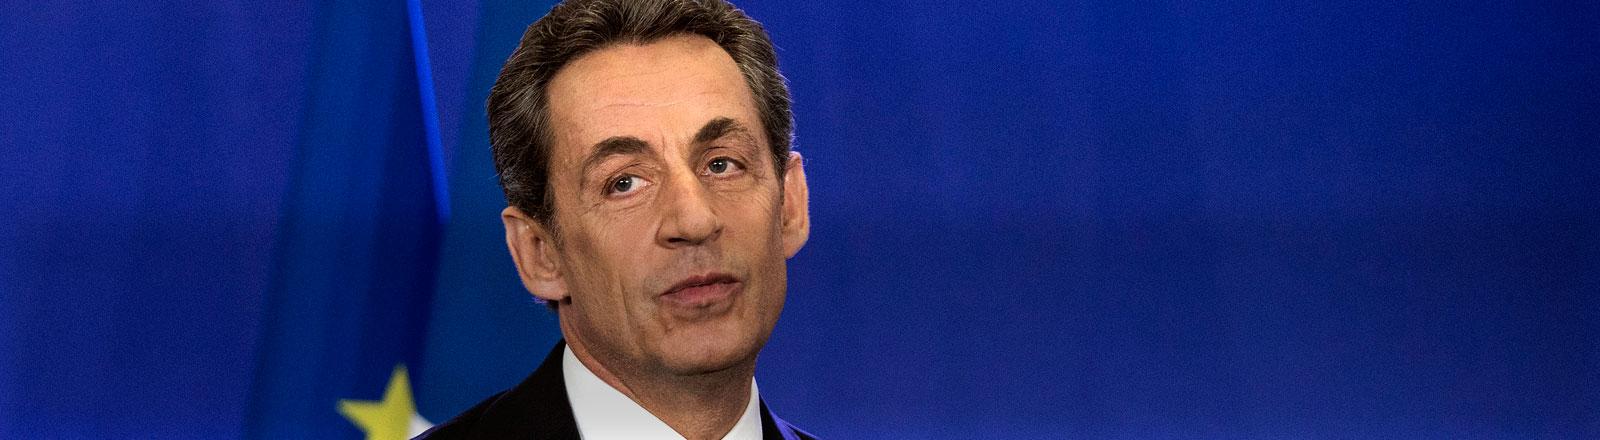 Der frühere französische Präsident Nicolas Sarkozy nach den Départementswahlen in Frankreich.